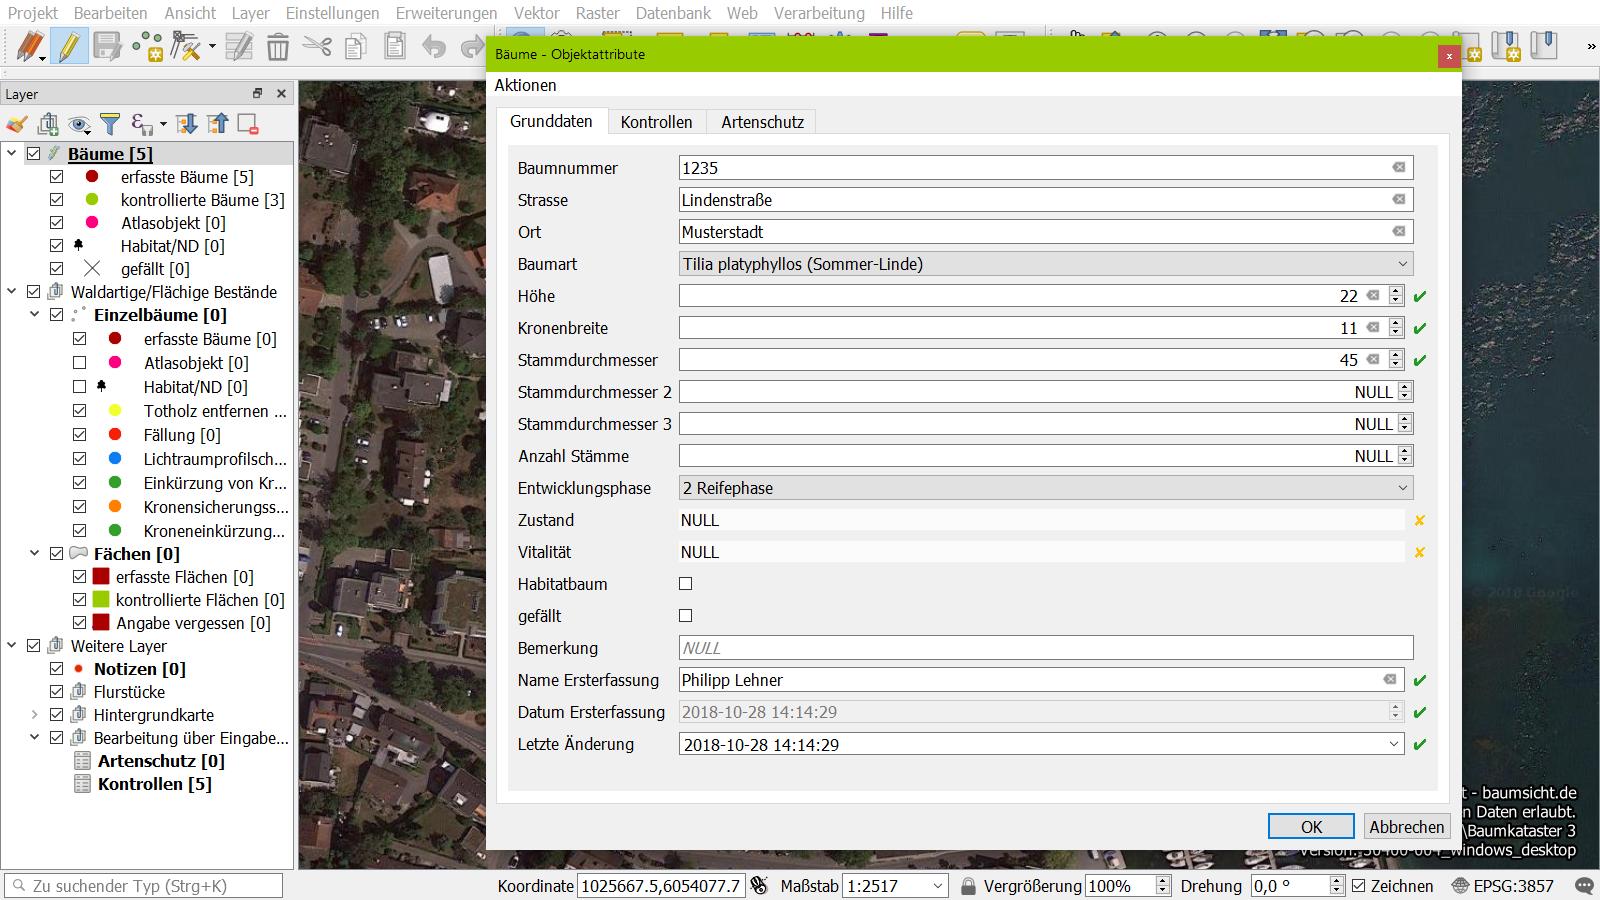 Datenübernahme von Version 2.1 zu Version 3